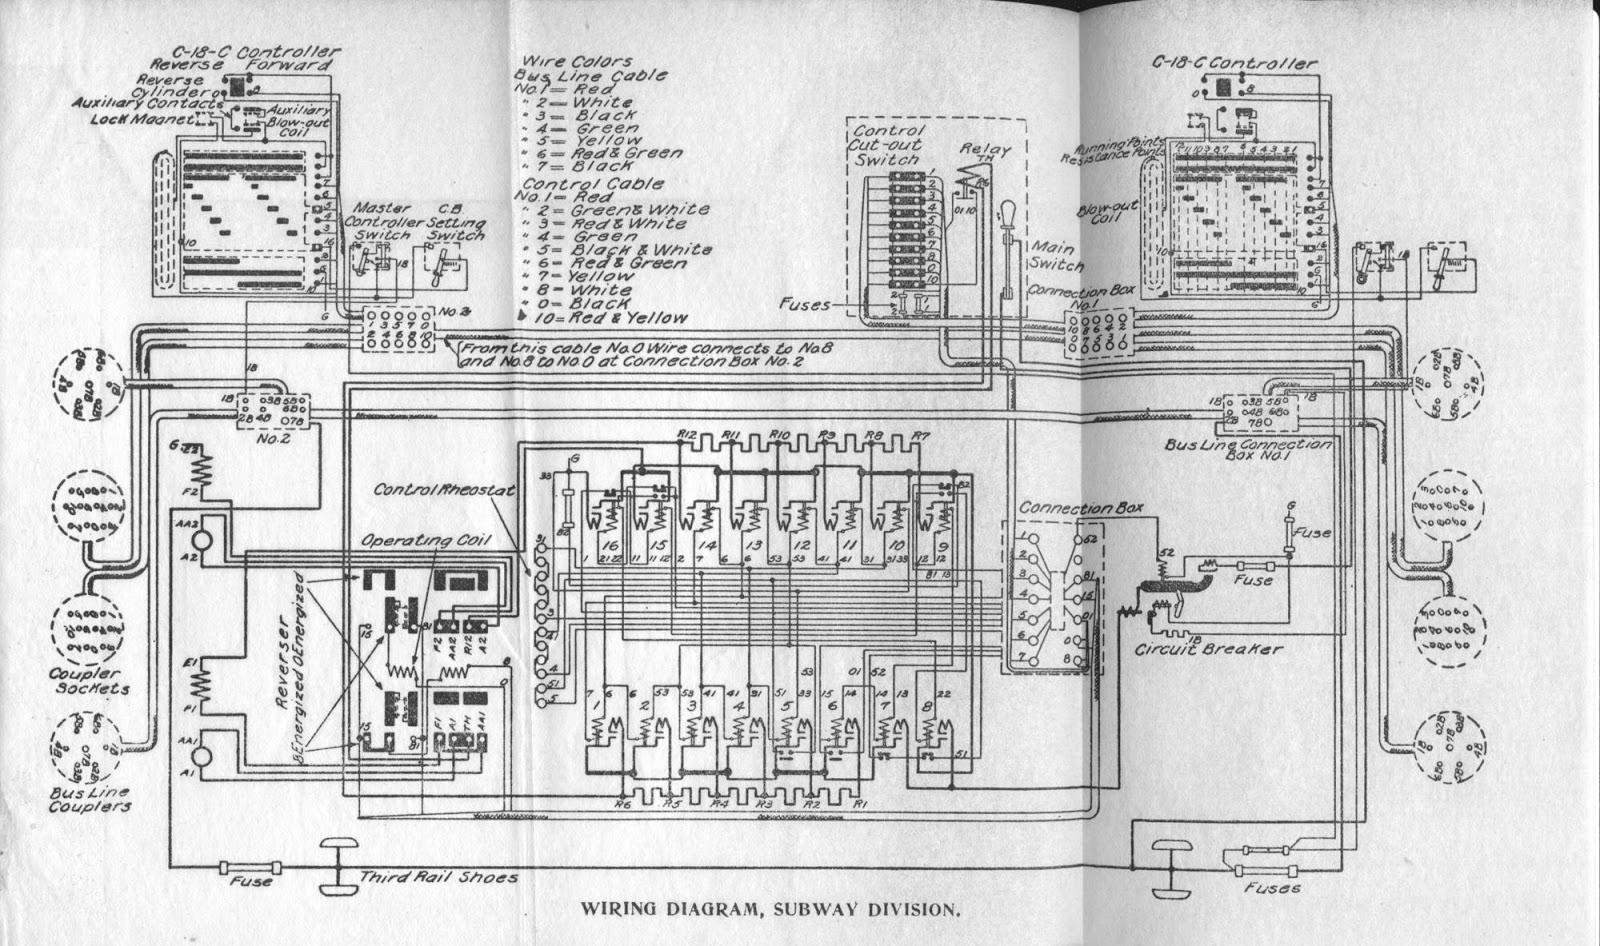 cam switch diagram cam image wiring diagram cam switch wiring diagram images drum switch reversing switch on cam switch diagram